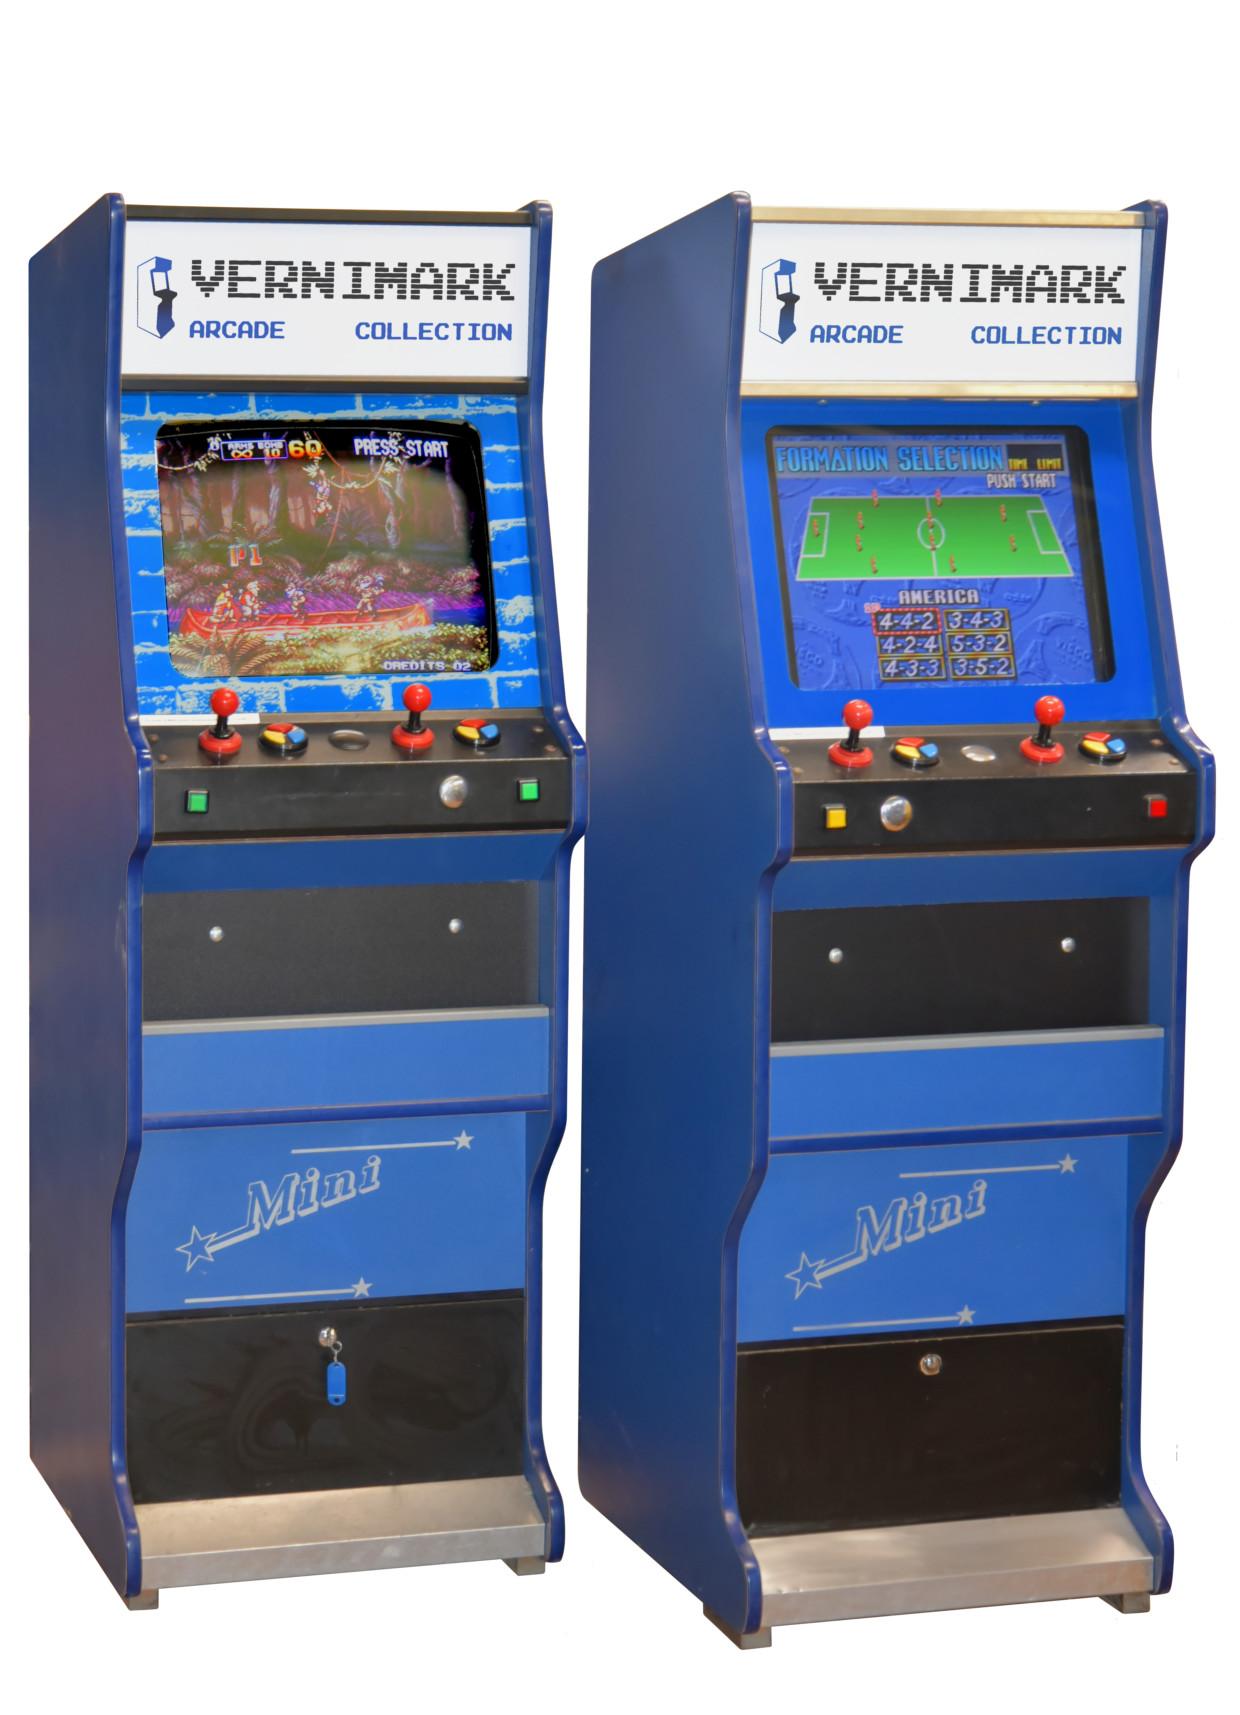 Arcade Multigame Mini Vernimark Noleggio Videogiochi